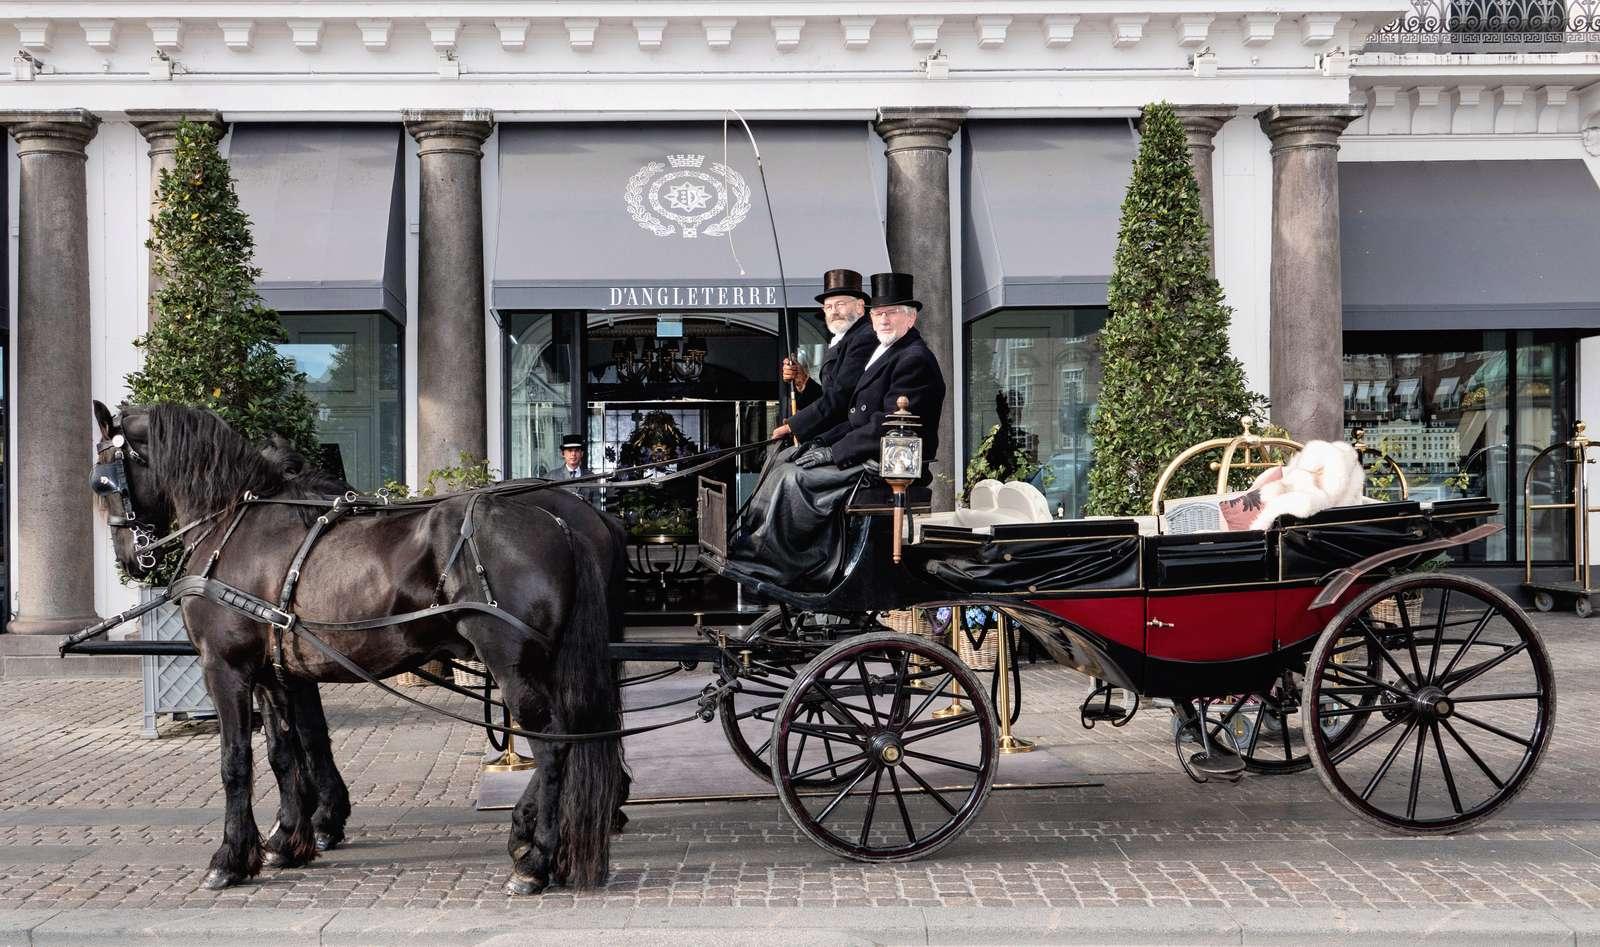 Hotel d'Angleterre regnes som et Danmarks – og Nordeuropas – fineste hoteller. Hovedparten af gæsterne kommer fra udlandet, blandt andet USA og Storbritannien. Pressefoto: Hotel d'Angleterre.